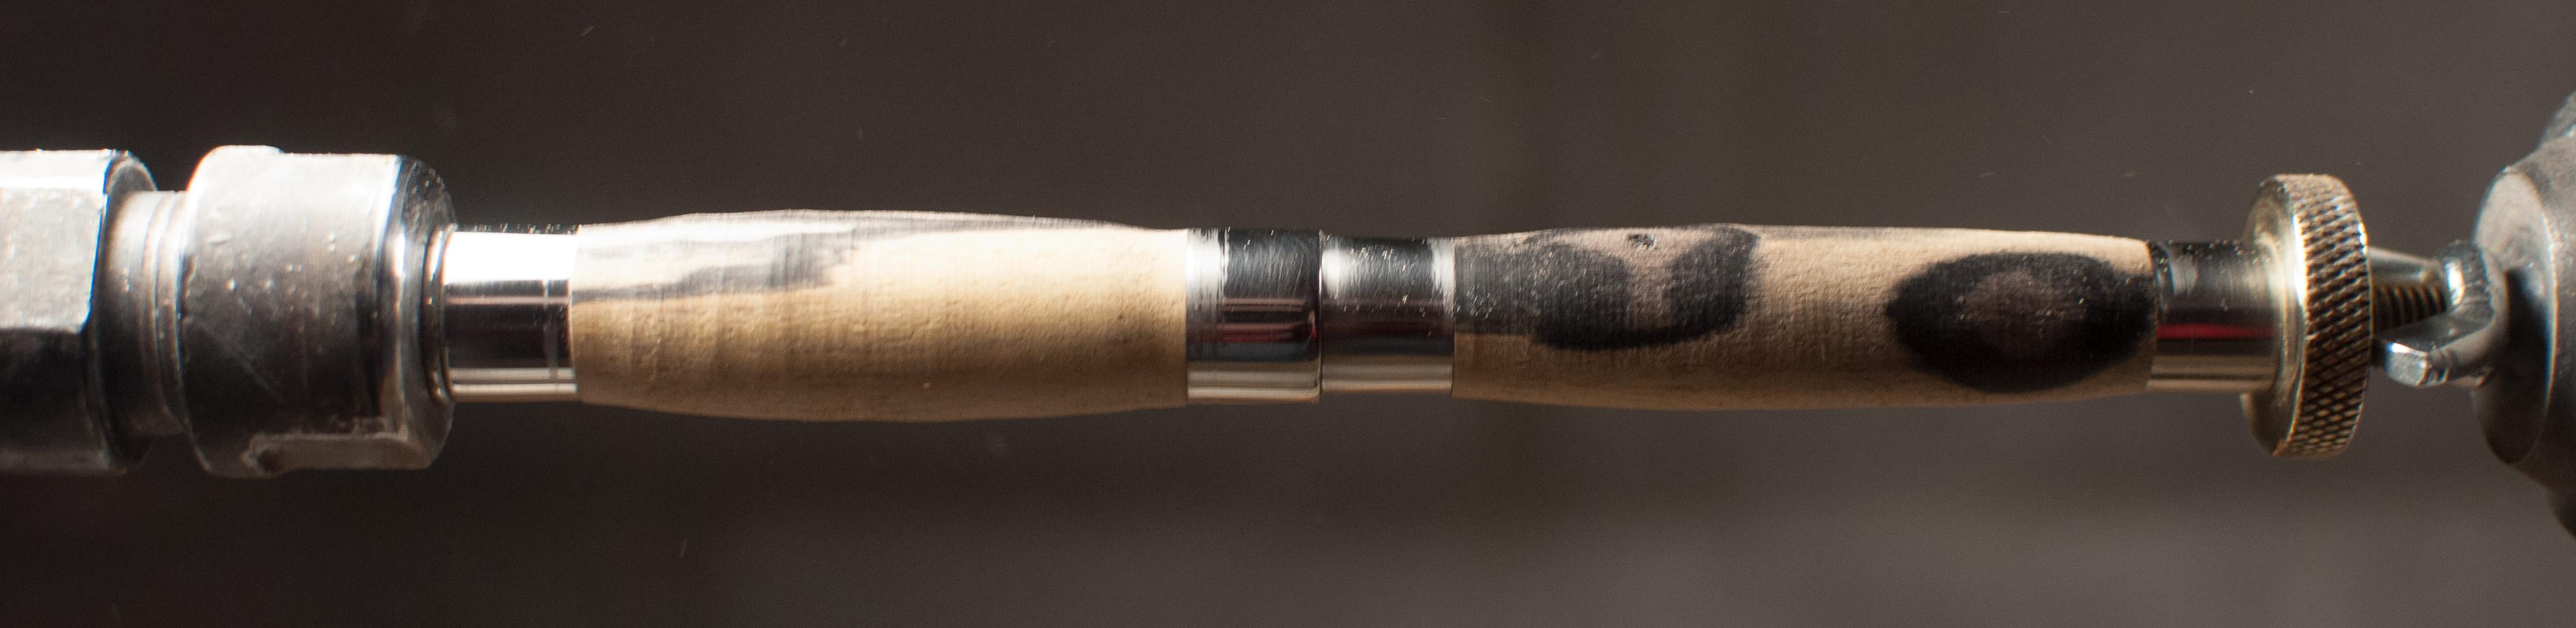 Pen Making-37